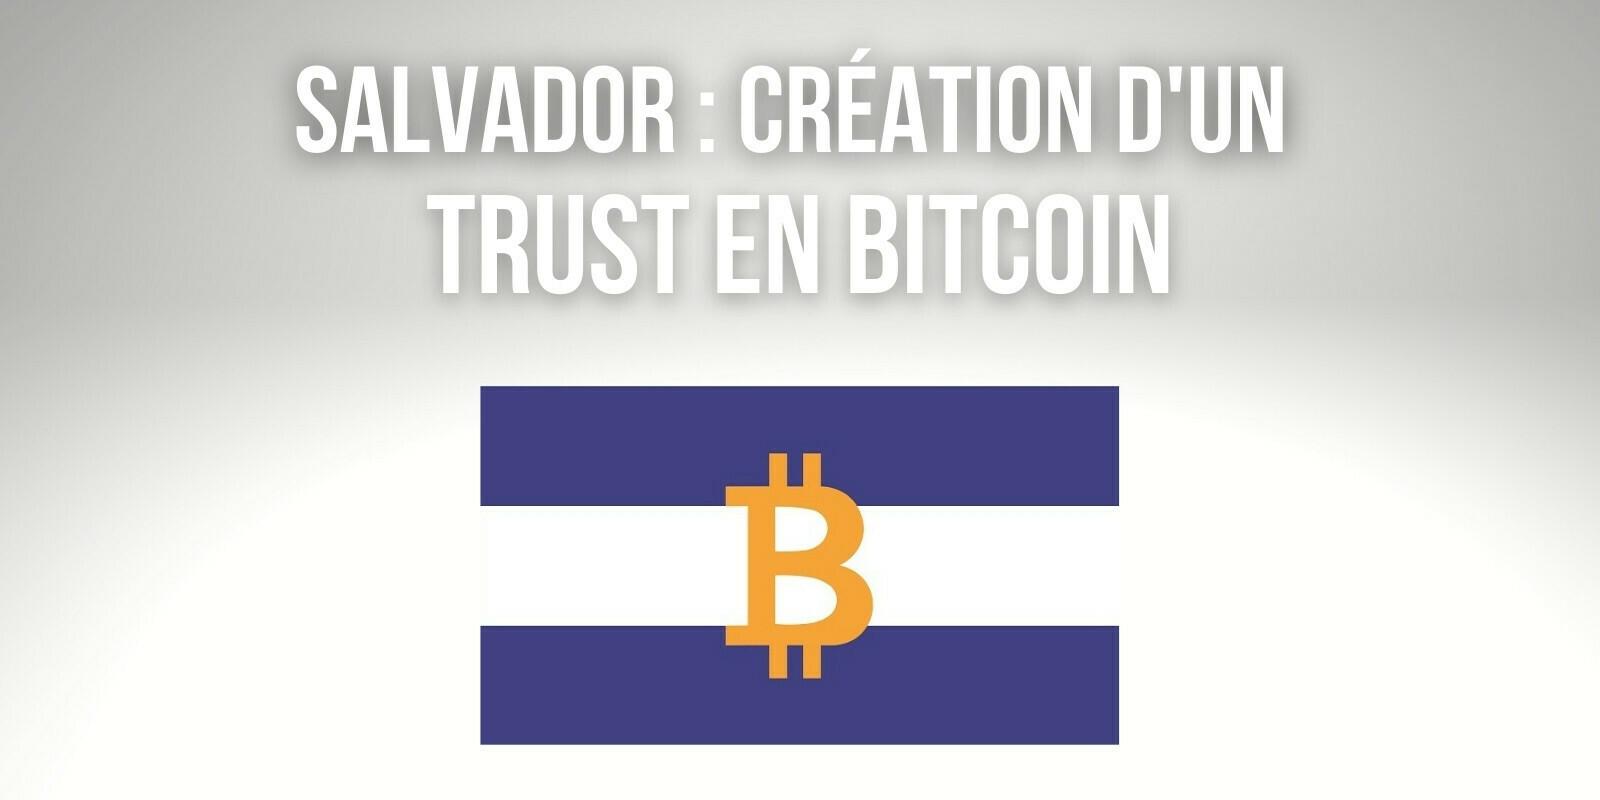 Salvador : création d'un trust de 150 millions de dollars en Bitcoin (BTC) pour faciliter les échanges